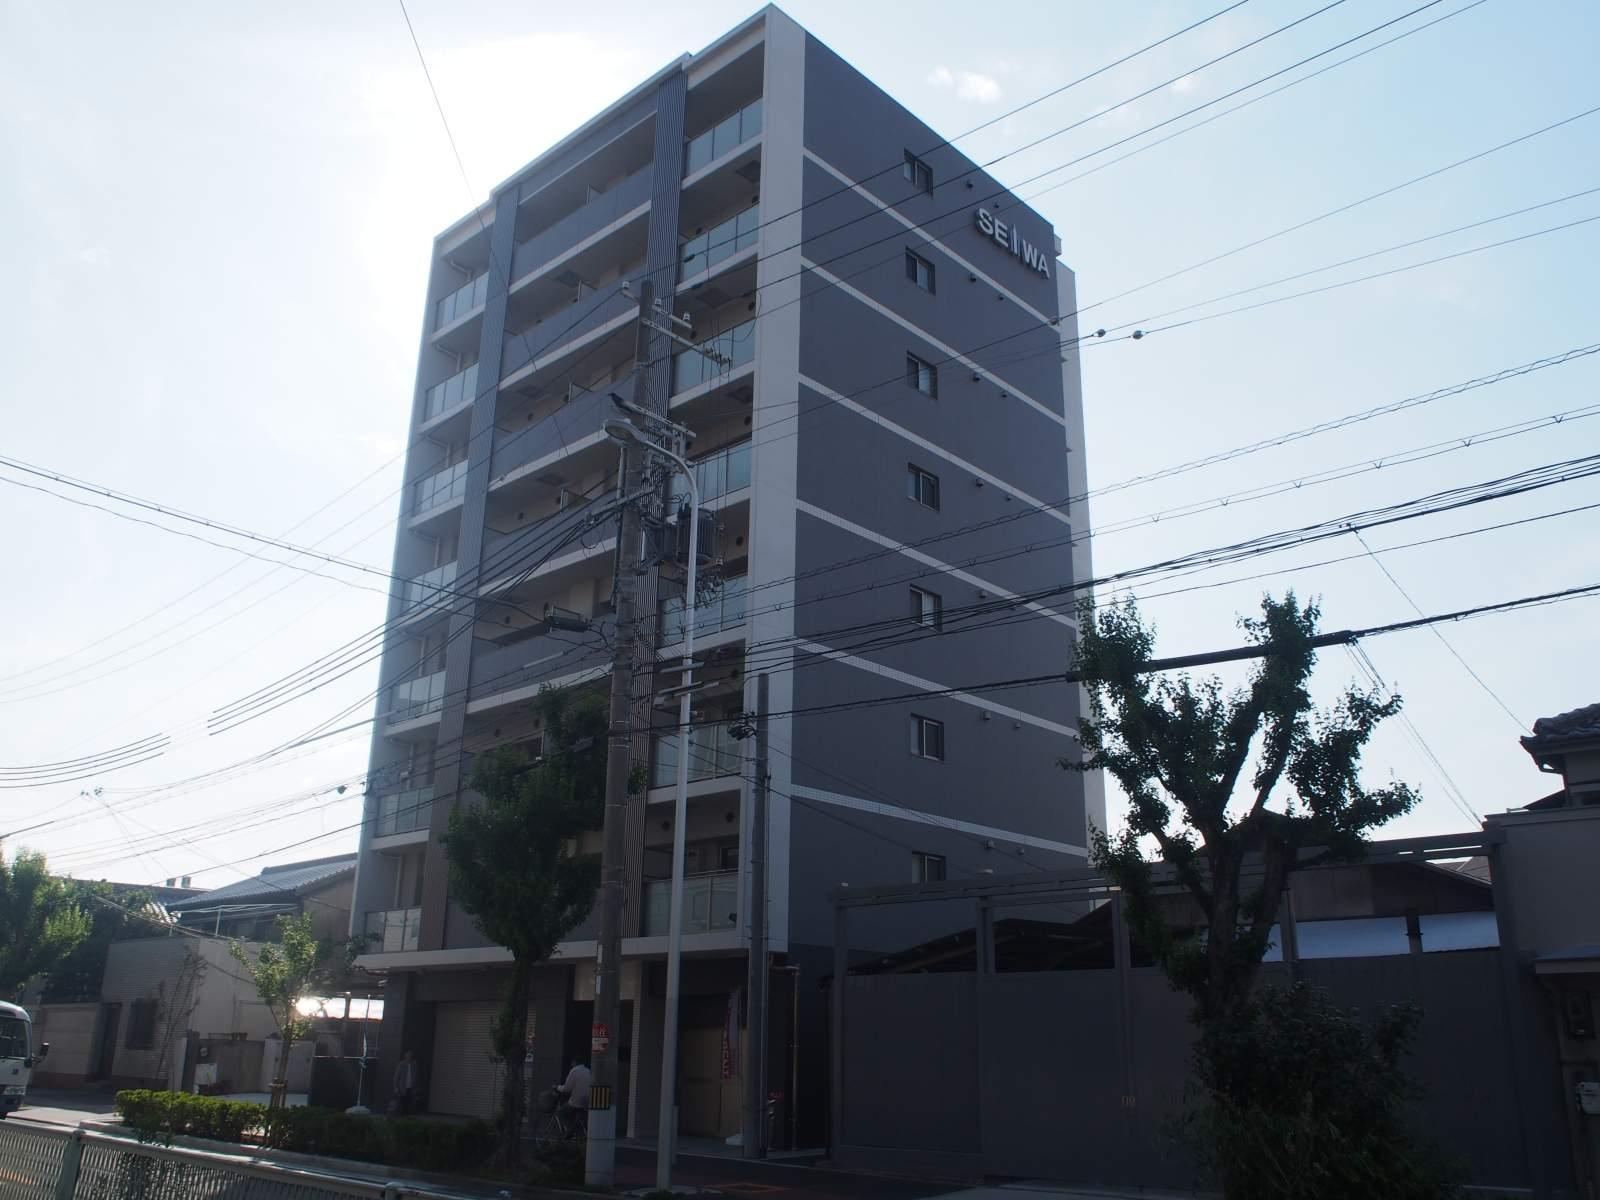 大阪府大阪市福島区、海老江駅徒歩5分の築1年 8階建の賃貸マンション